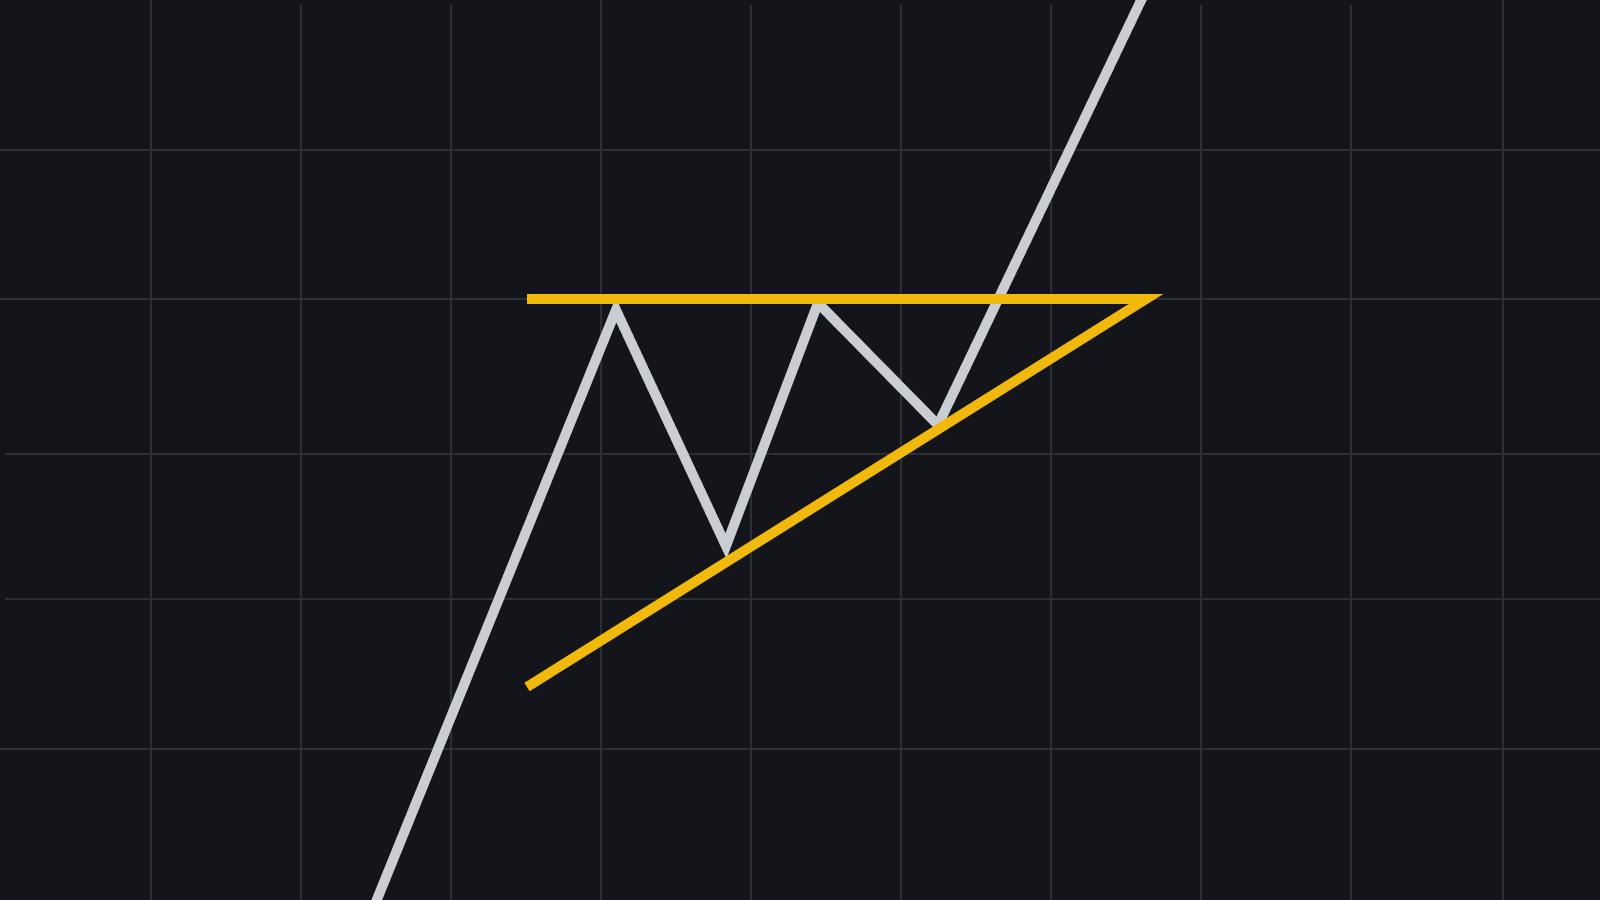 Patrones de gráficos clásicos de triángulo ascendente